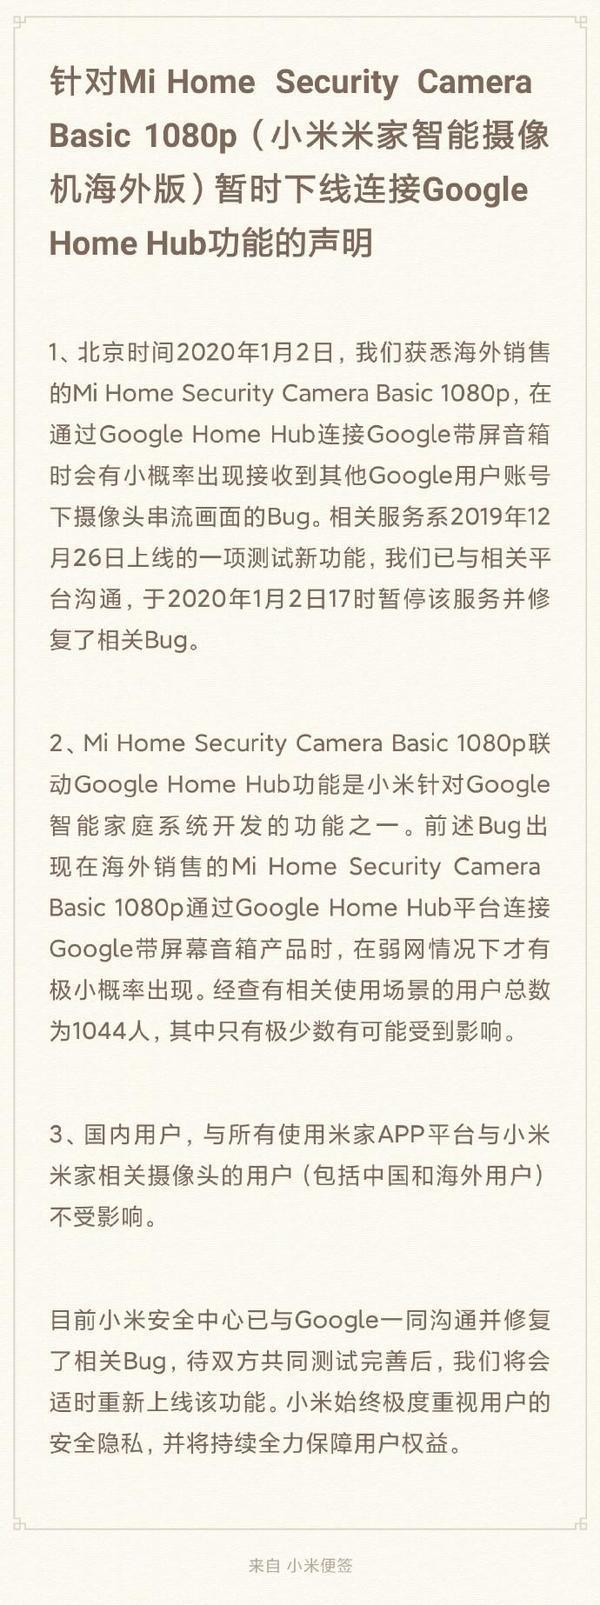 突发!小米摄像头被谷歌紧急封禁:疑似泄漏隐私